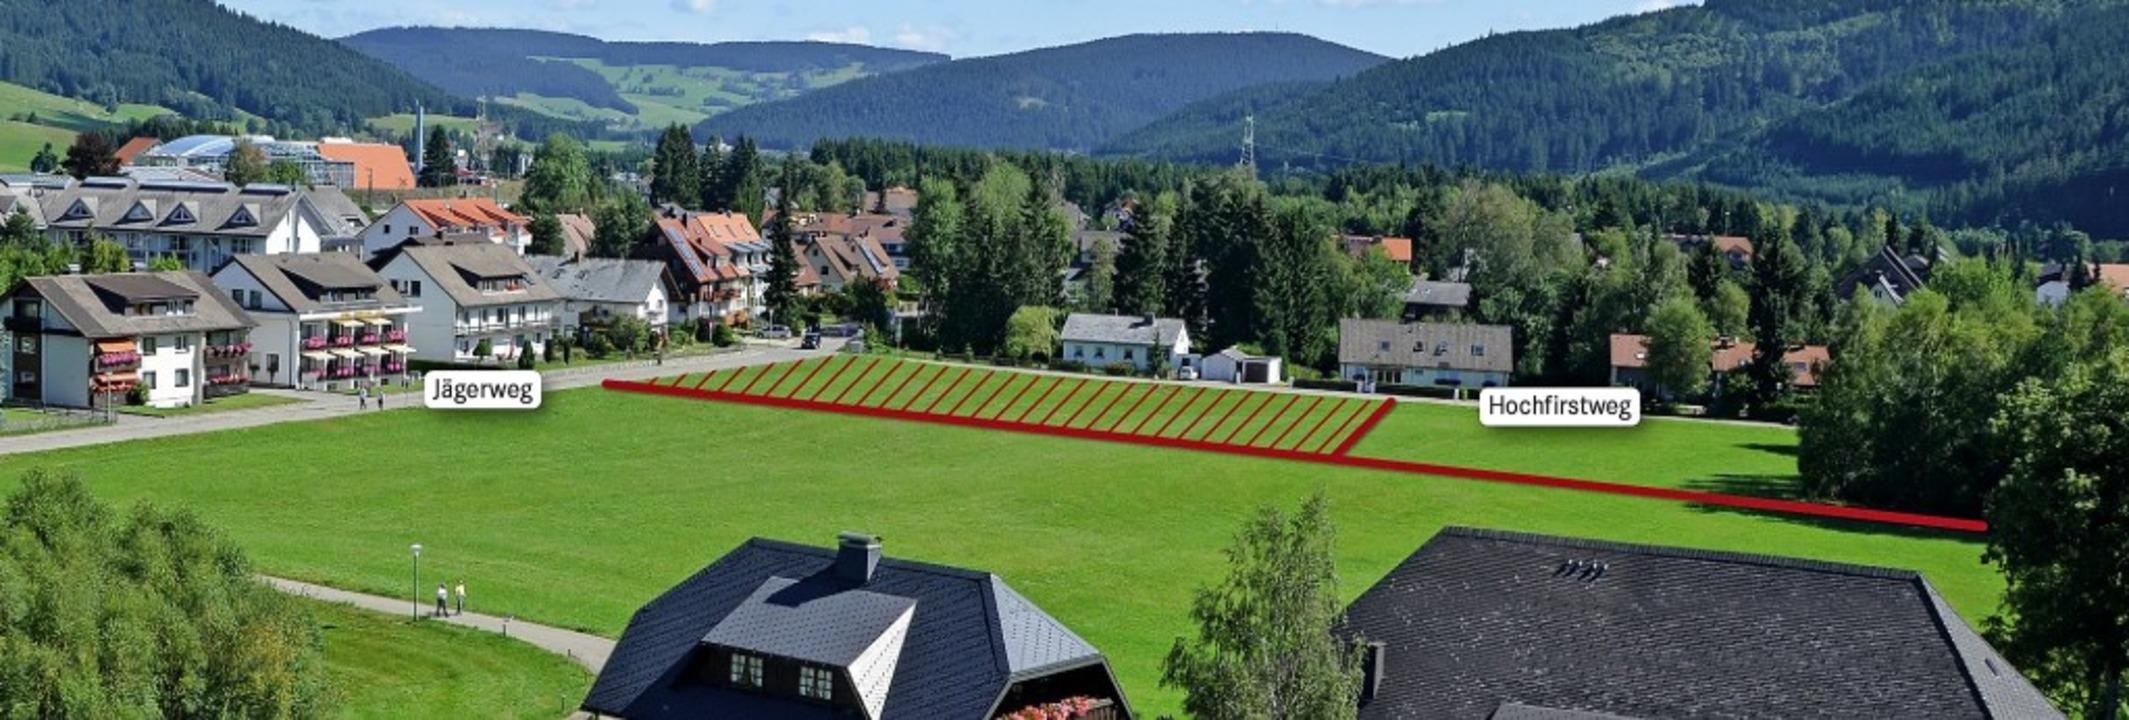 Die rote Linie kennzeichnet das Gesamt...of. <BZ-Foto>Peter Stellmach</BZ-Foto>